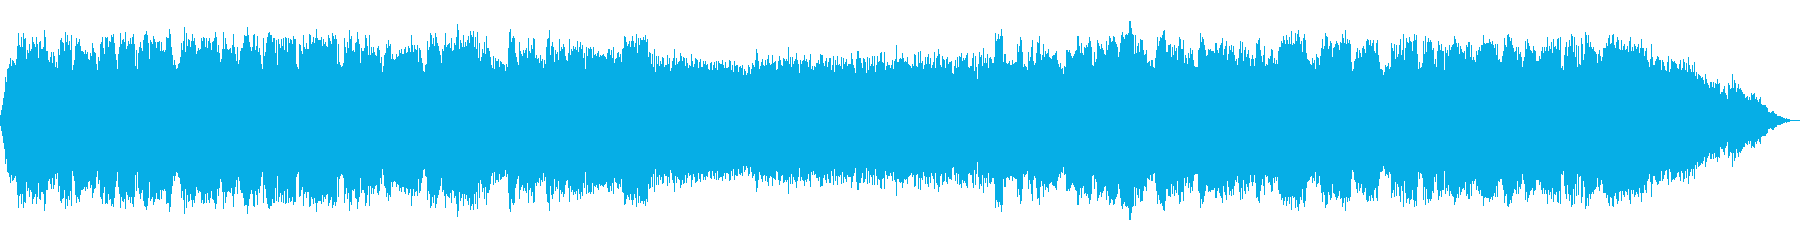 優しい森のイメージのヒーリング音楽の再生済みの波形